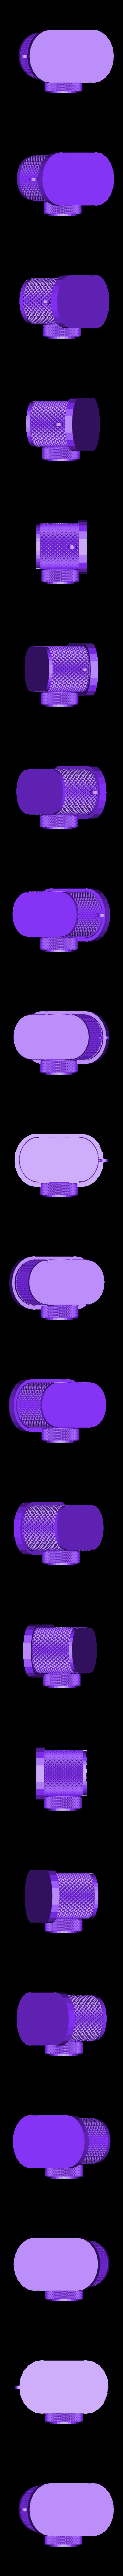 Camera_Dice_Box.stl Télécharger fichier STL gratuit Boîte à dés • Modèle pour imprimante 3D, mrhers2